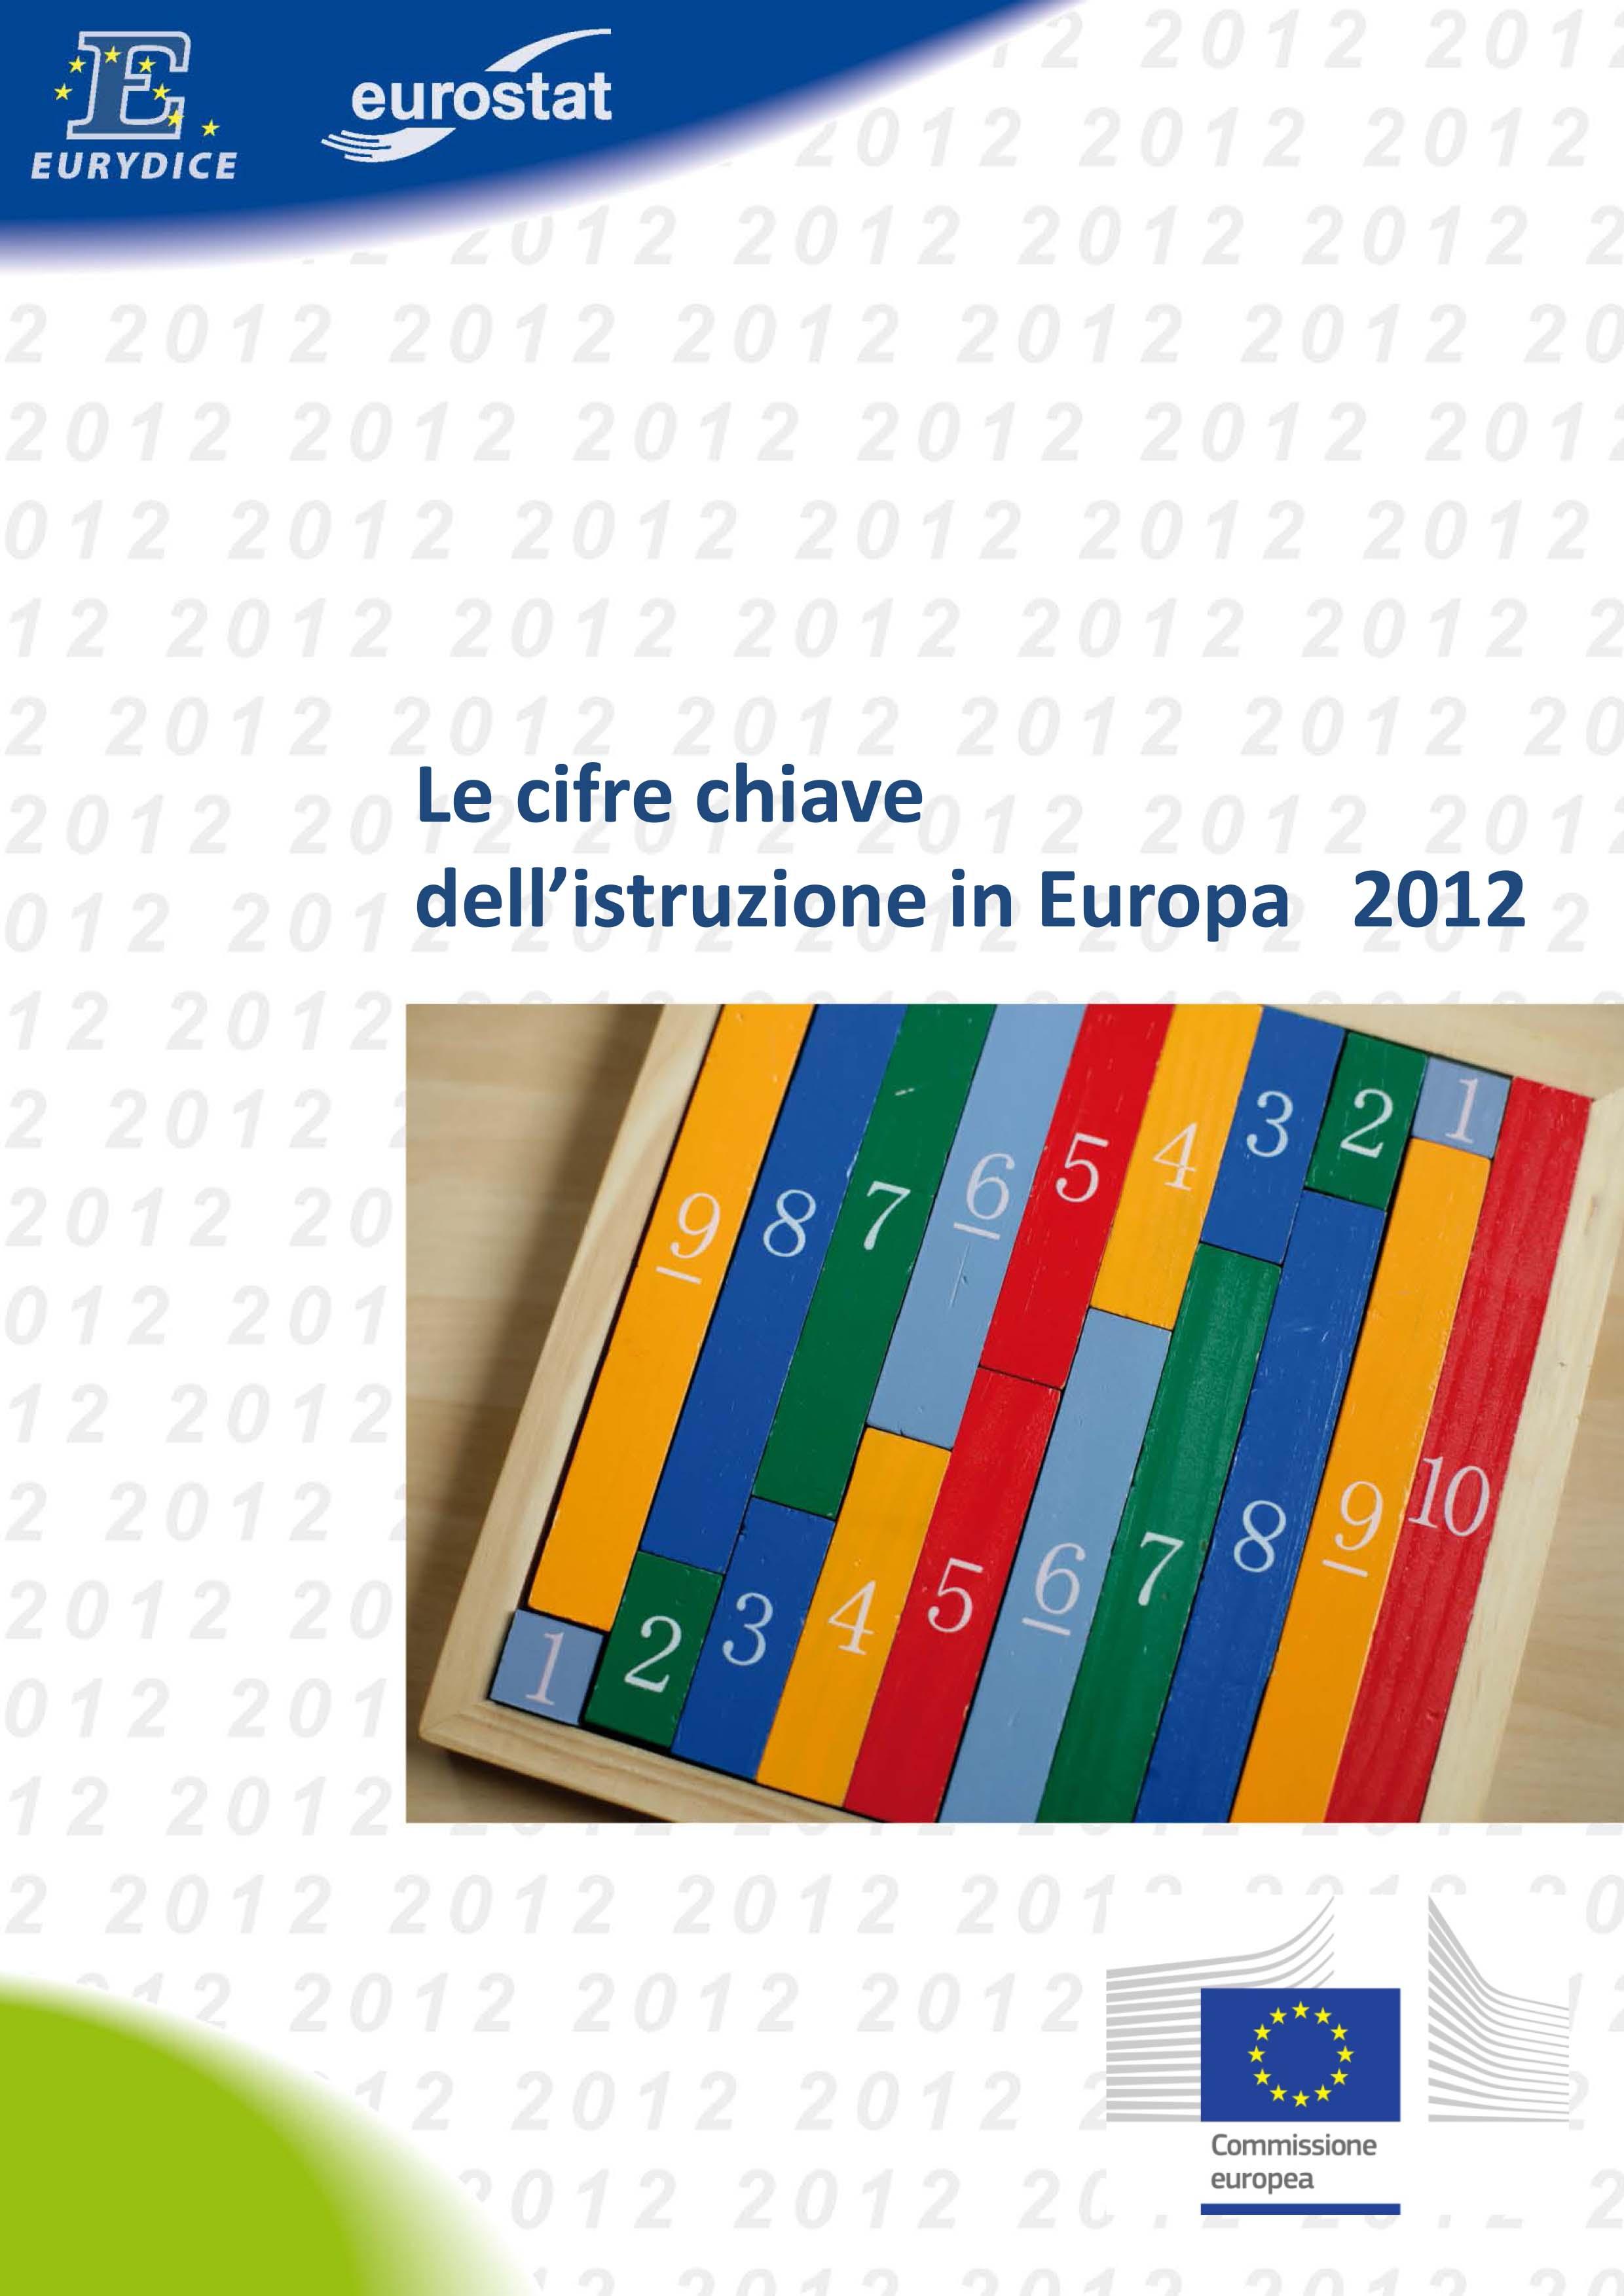 Le cifre chiave dell'istruzione in Europa 2012